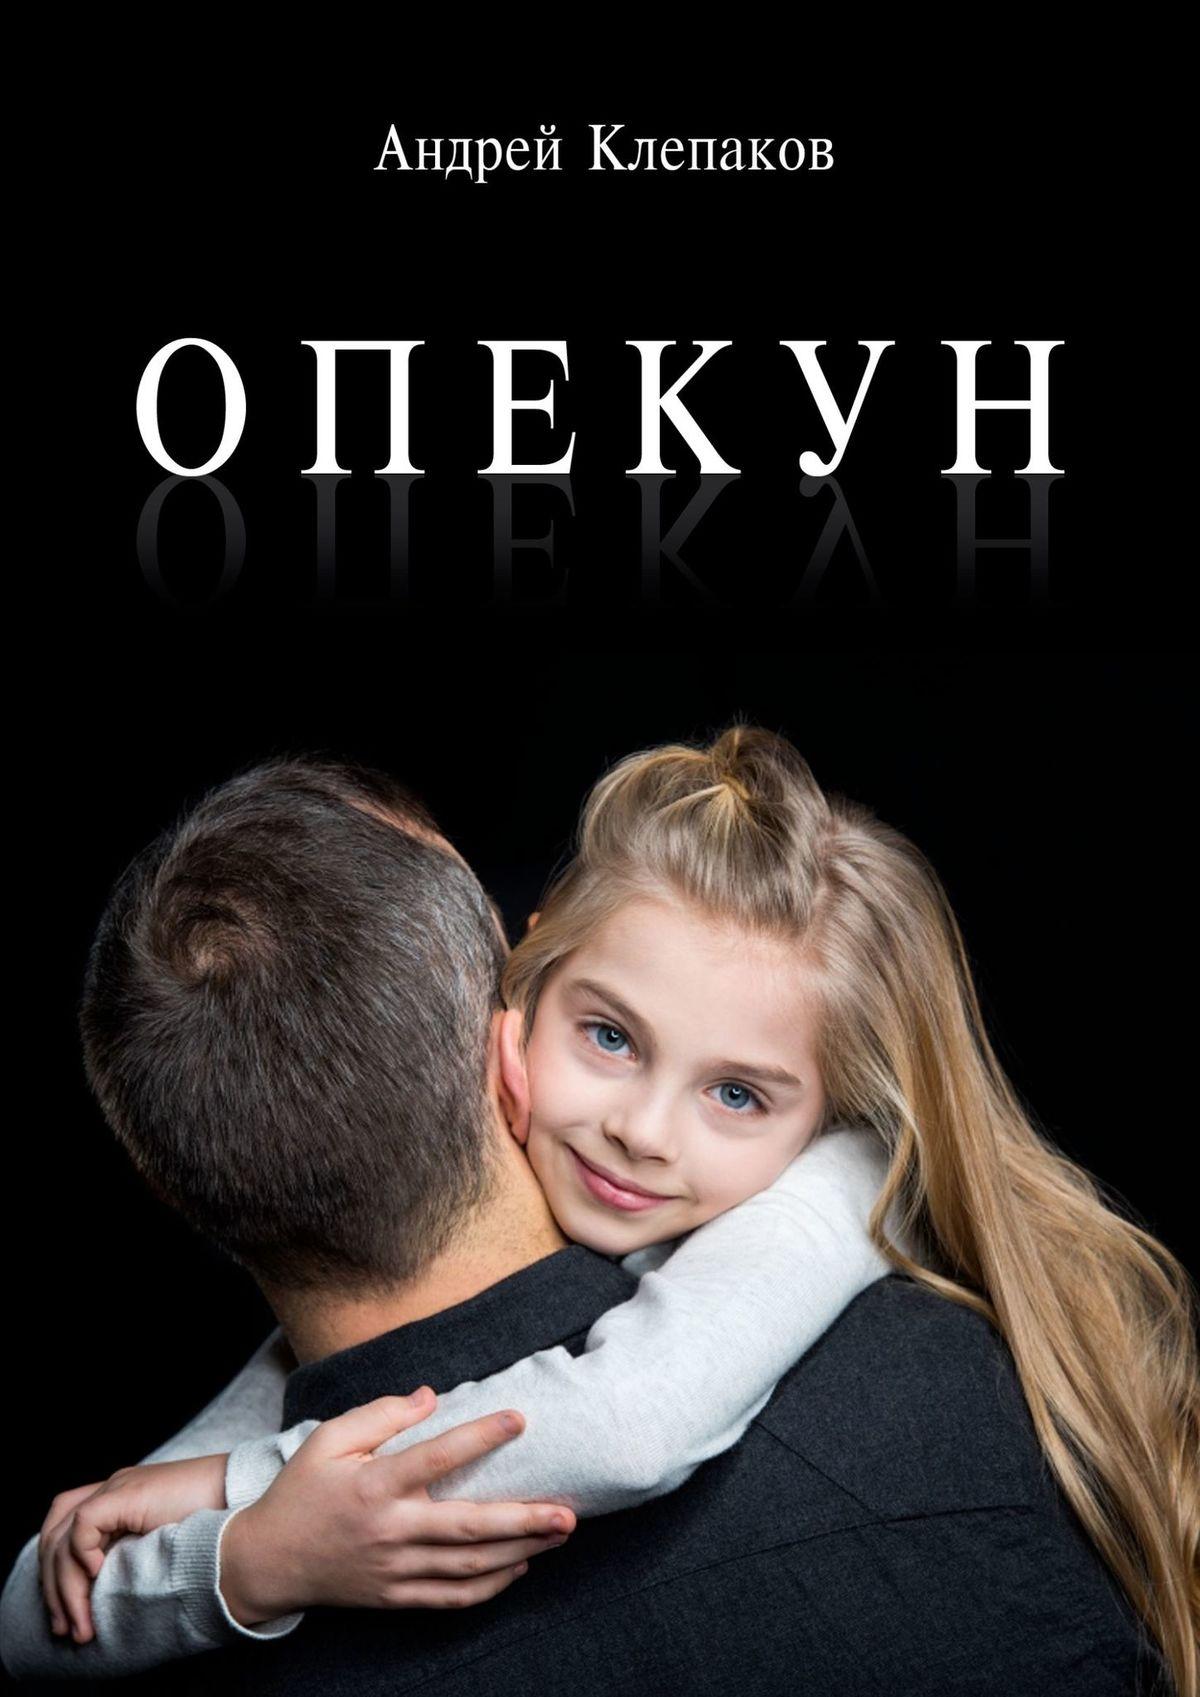 Андрей Клепаков Опекун. Повесть андрей углицких соловьиный день повесть isbn 9785448399909